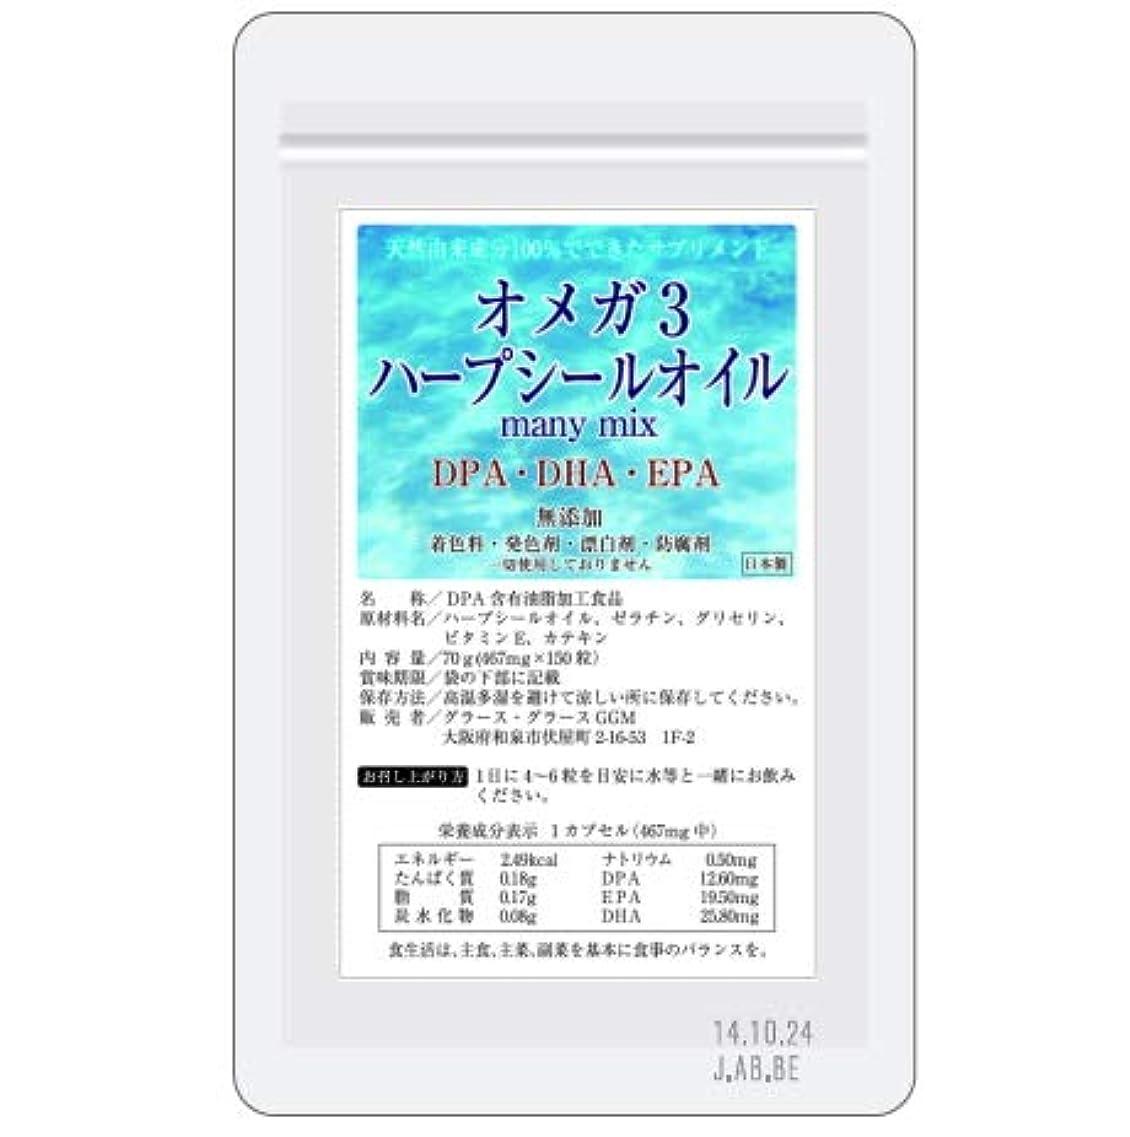 多用途夕暮れ復活するオメガ3 ハープシールオイル(アザラシオイル) many mix 150粒